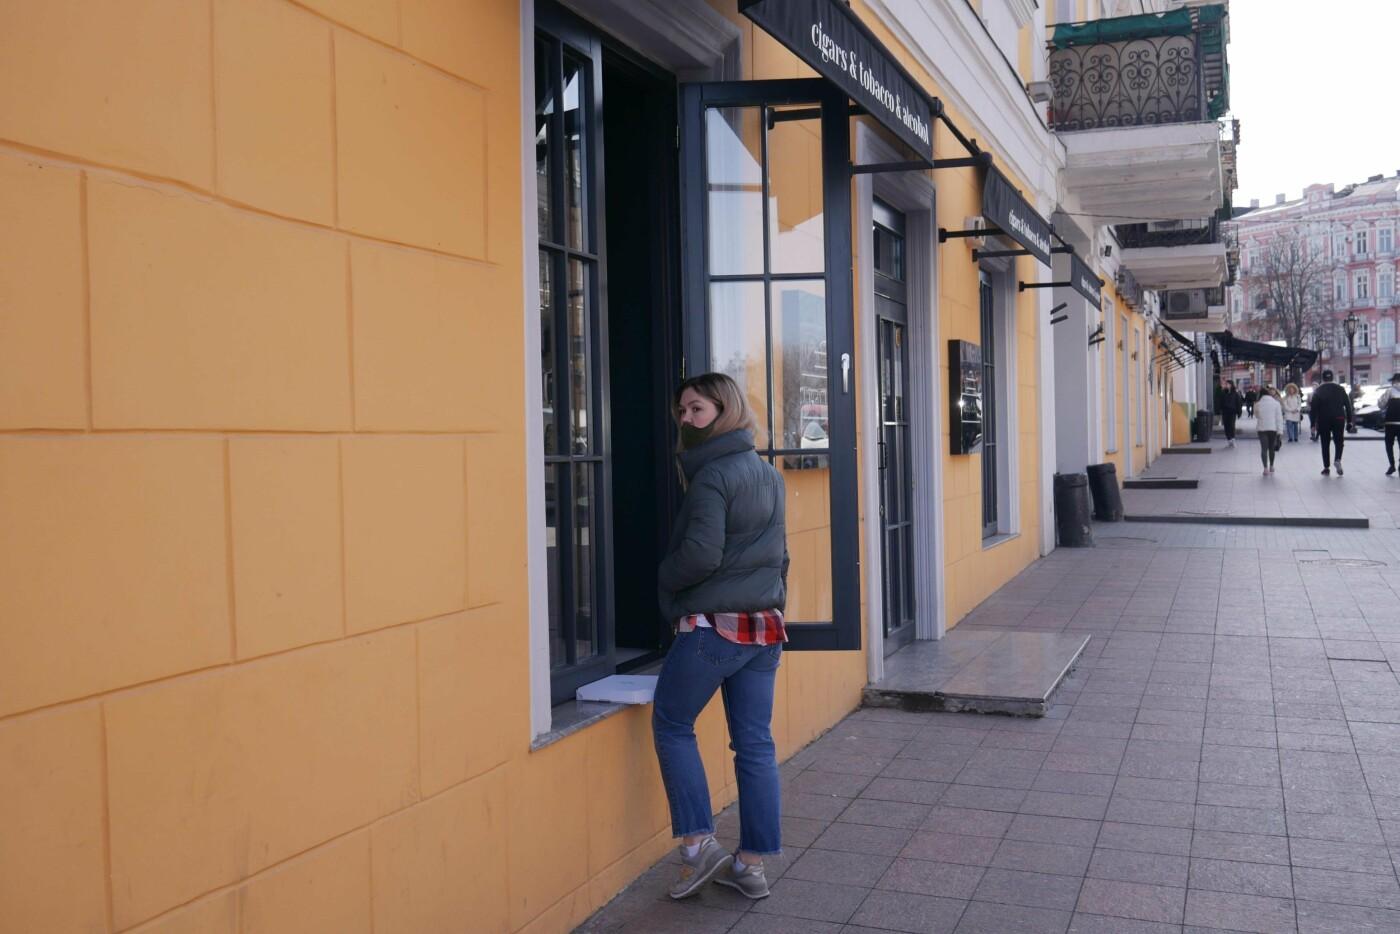 Люди без масок и подпольные заведения: Одесса в красной зоне, - ФОТОПЯТНИЦА, фото-2